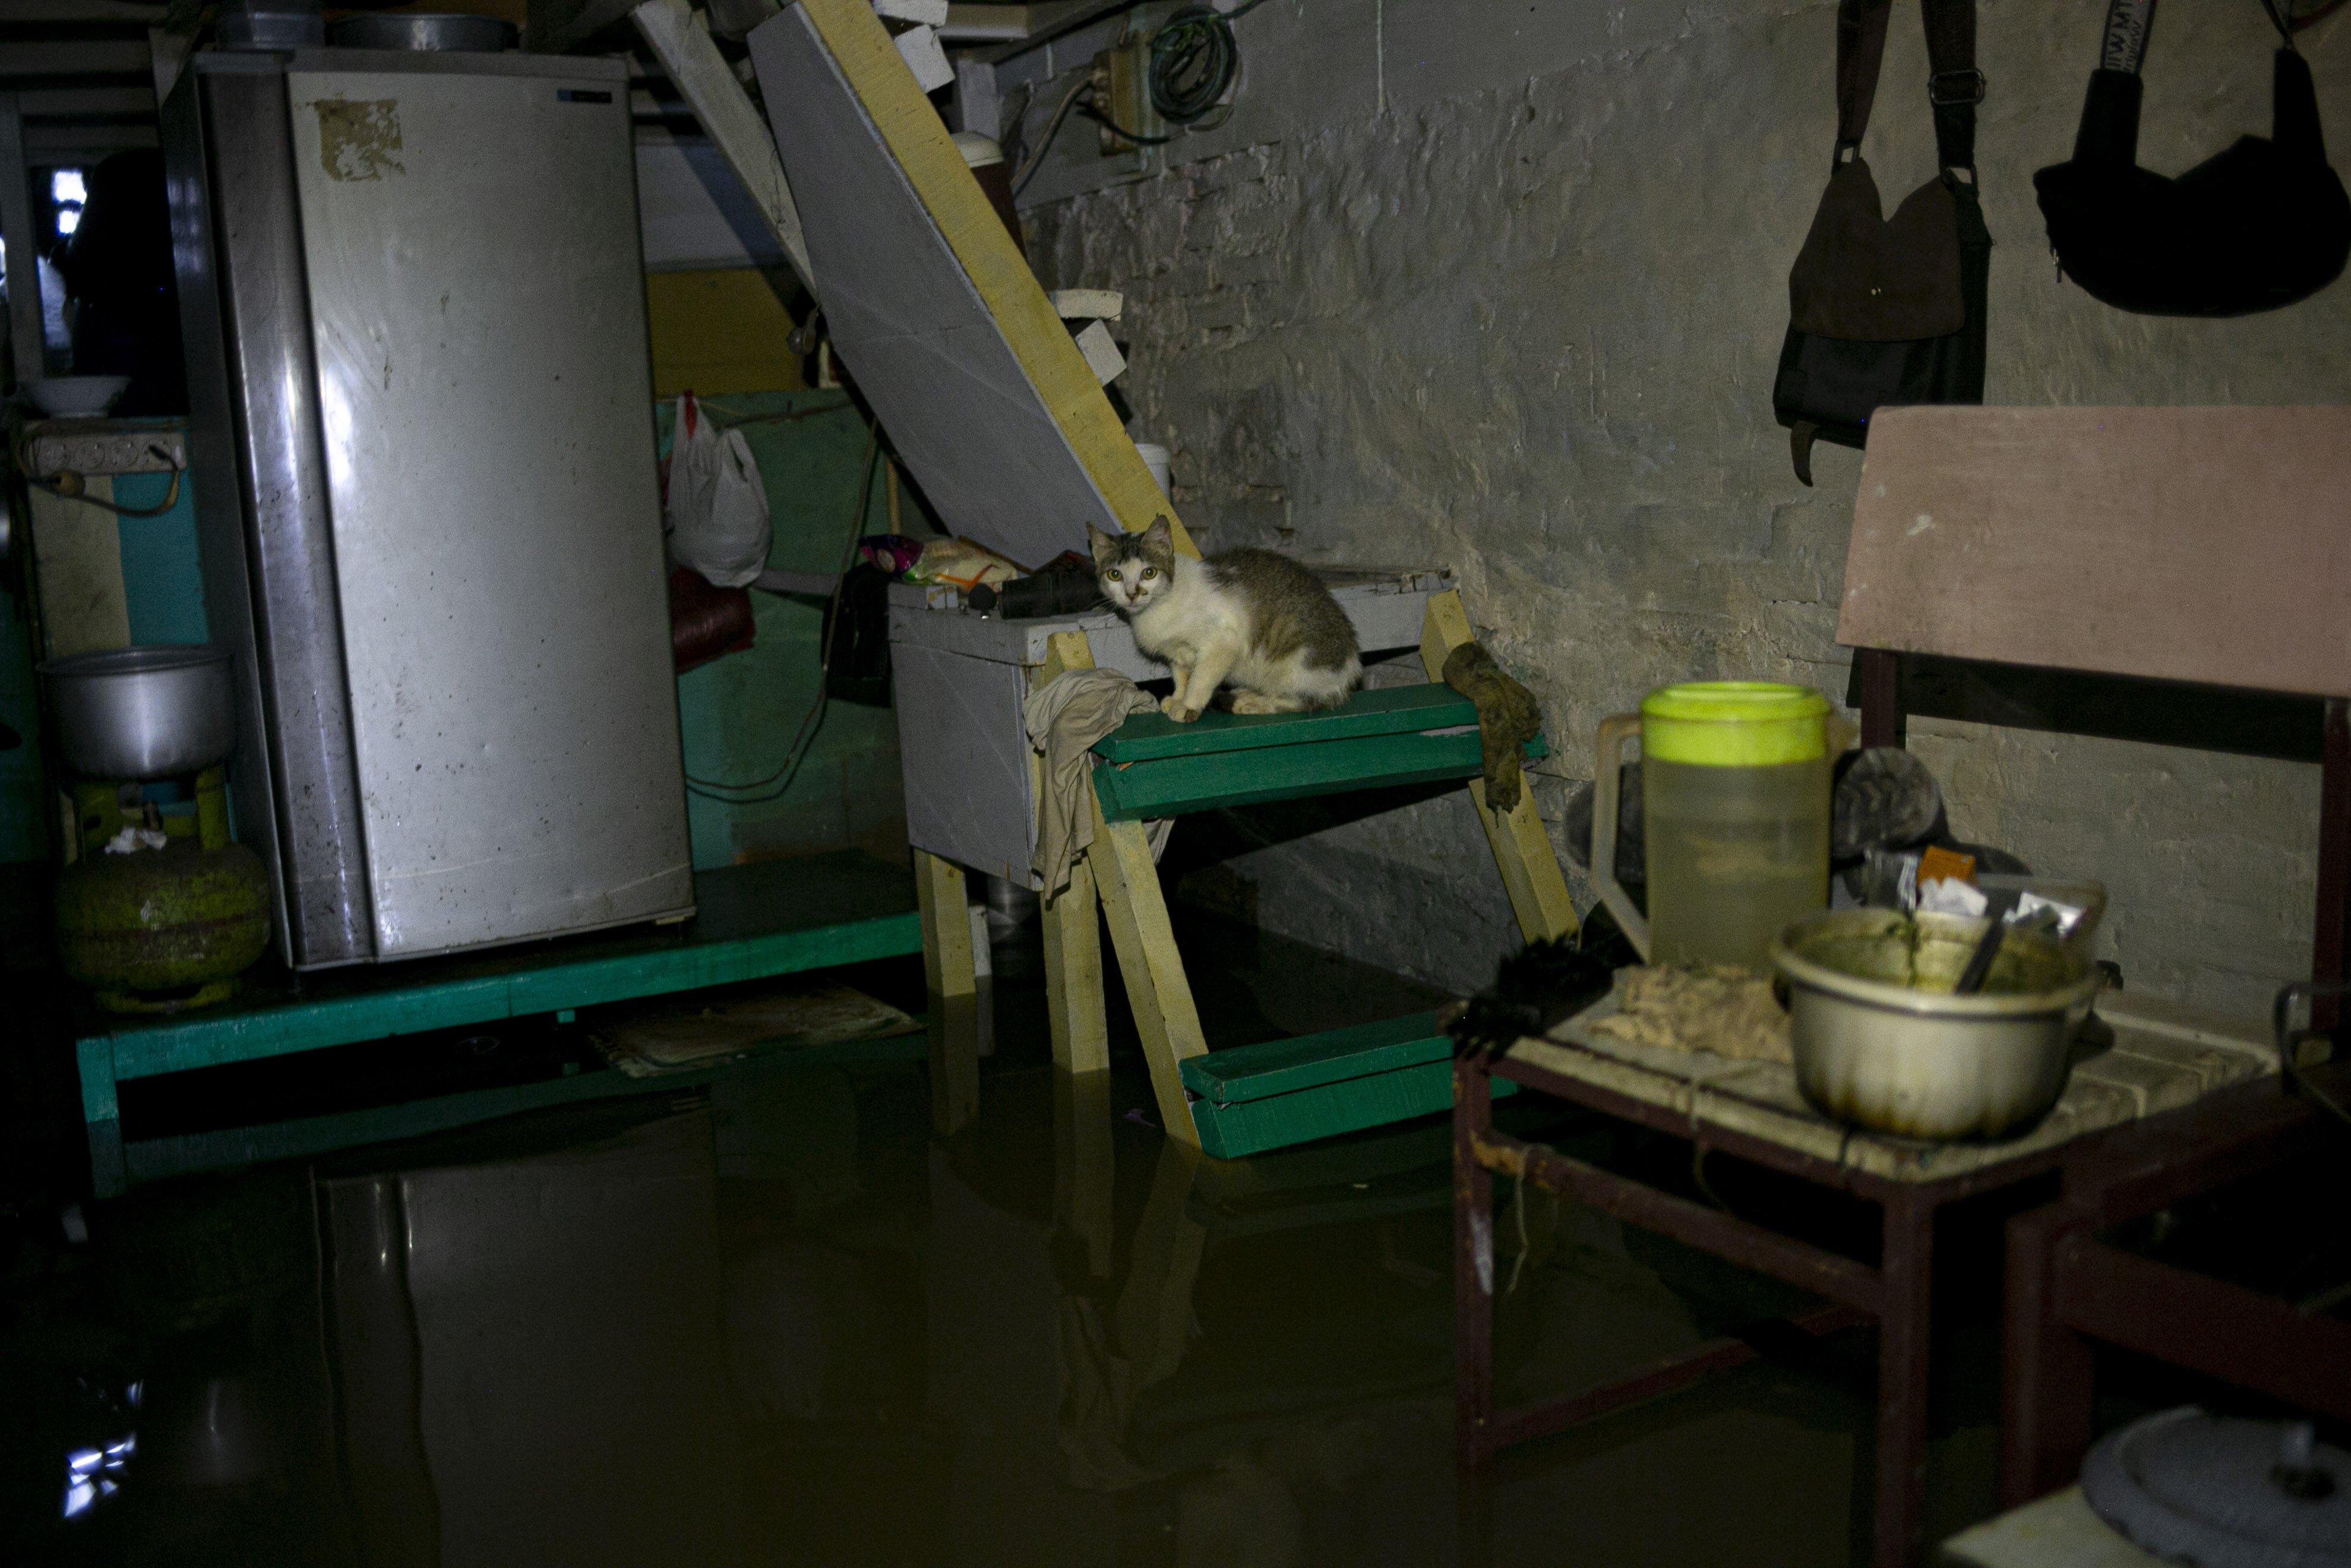 Seekor kucing terjebak banjir di kawasan Cipinang Melayu, Jakarta Timur, Jumat (19/2/2021). Banjir di kawasan tersebut akibat curah hujan yang tinggi dan meluapnya air dari Kali Sunter.